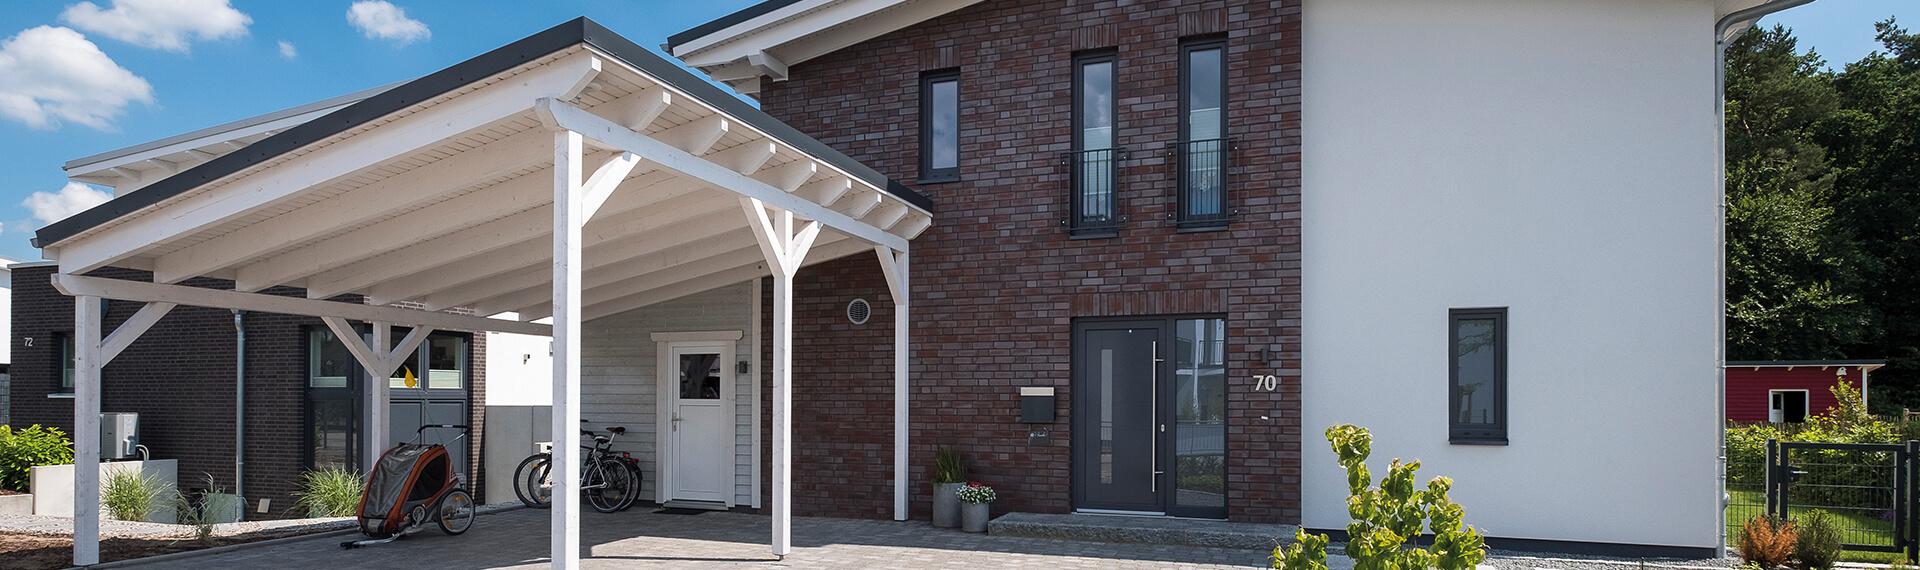 Favorit Carport, Vordach, Terrasse oder Gartenhaus VB77